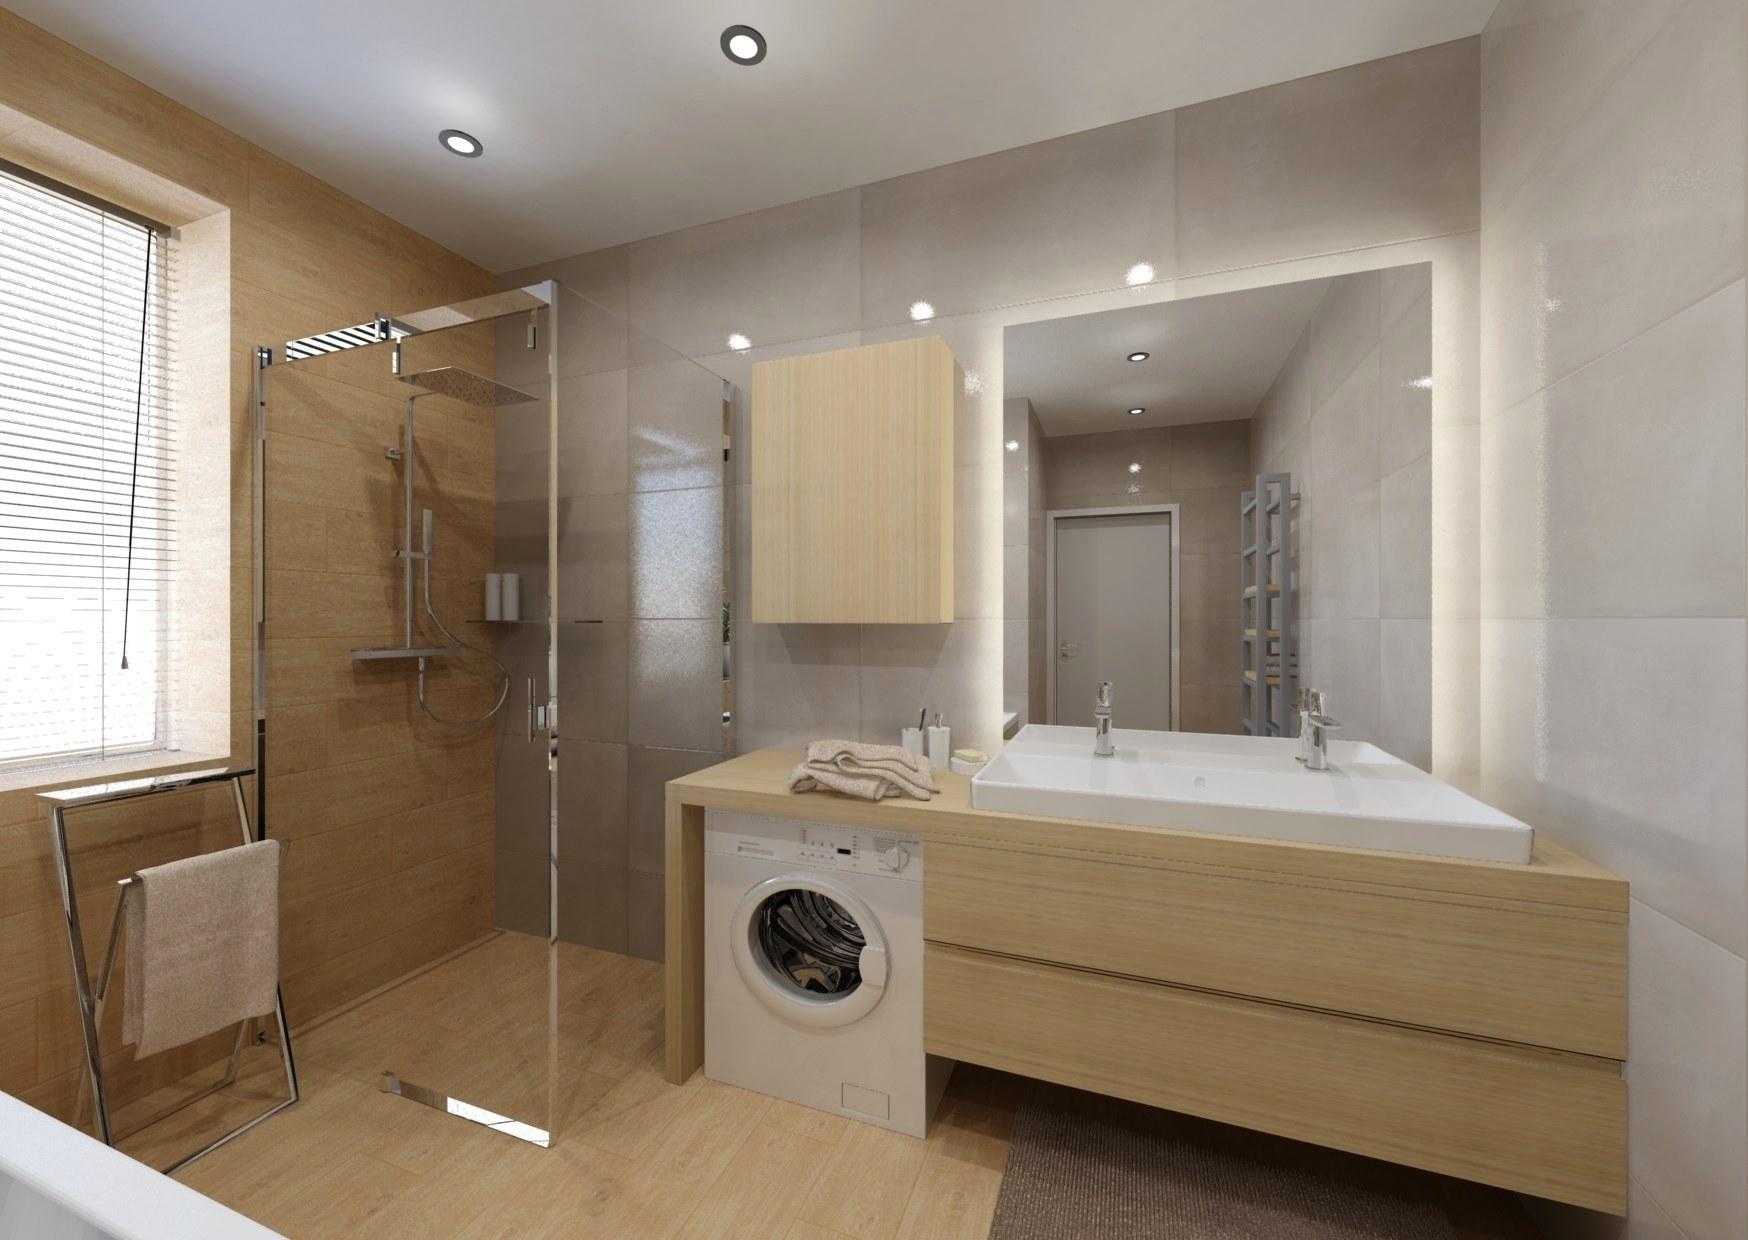 Návrh koupelny se sprchovým koutem a vanou